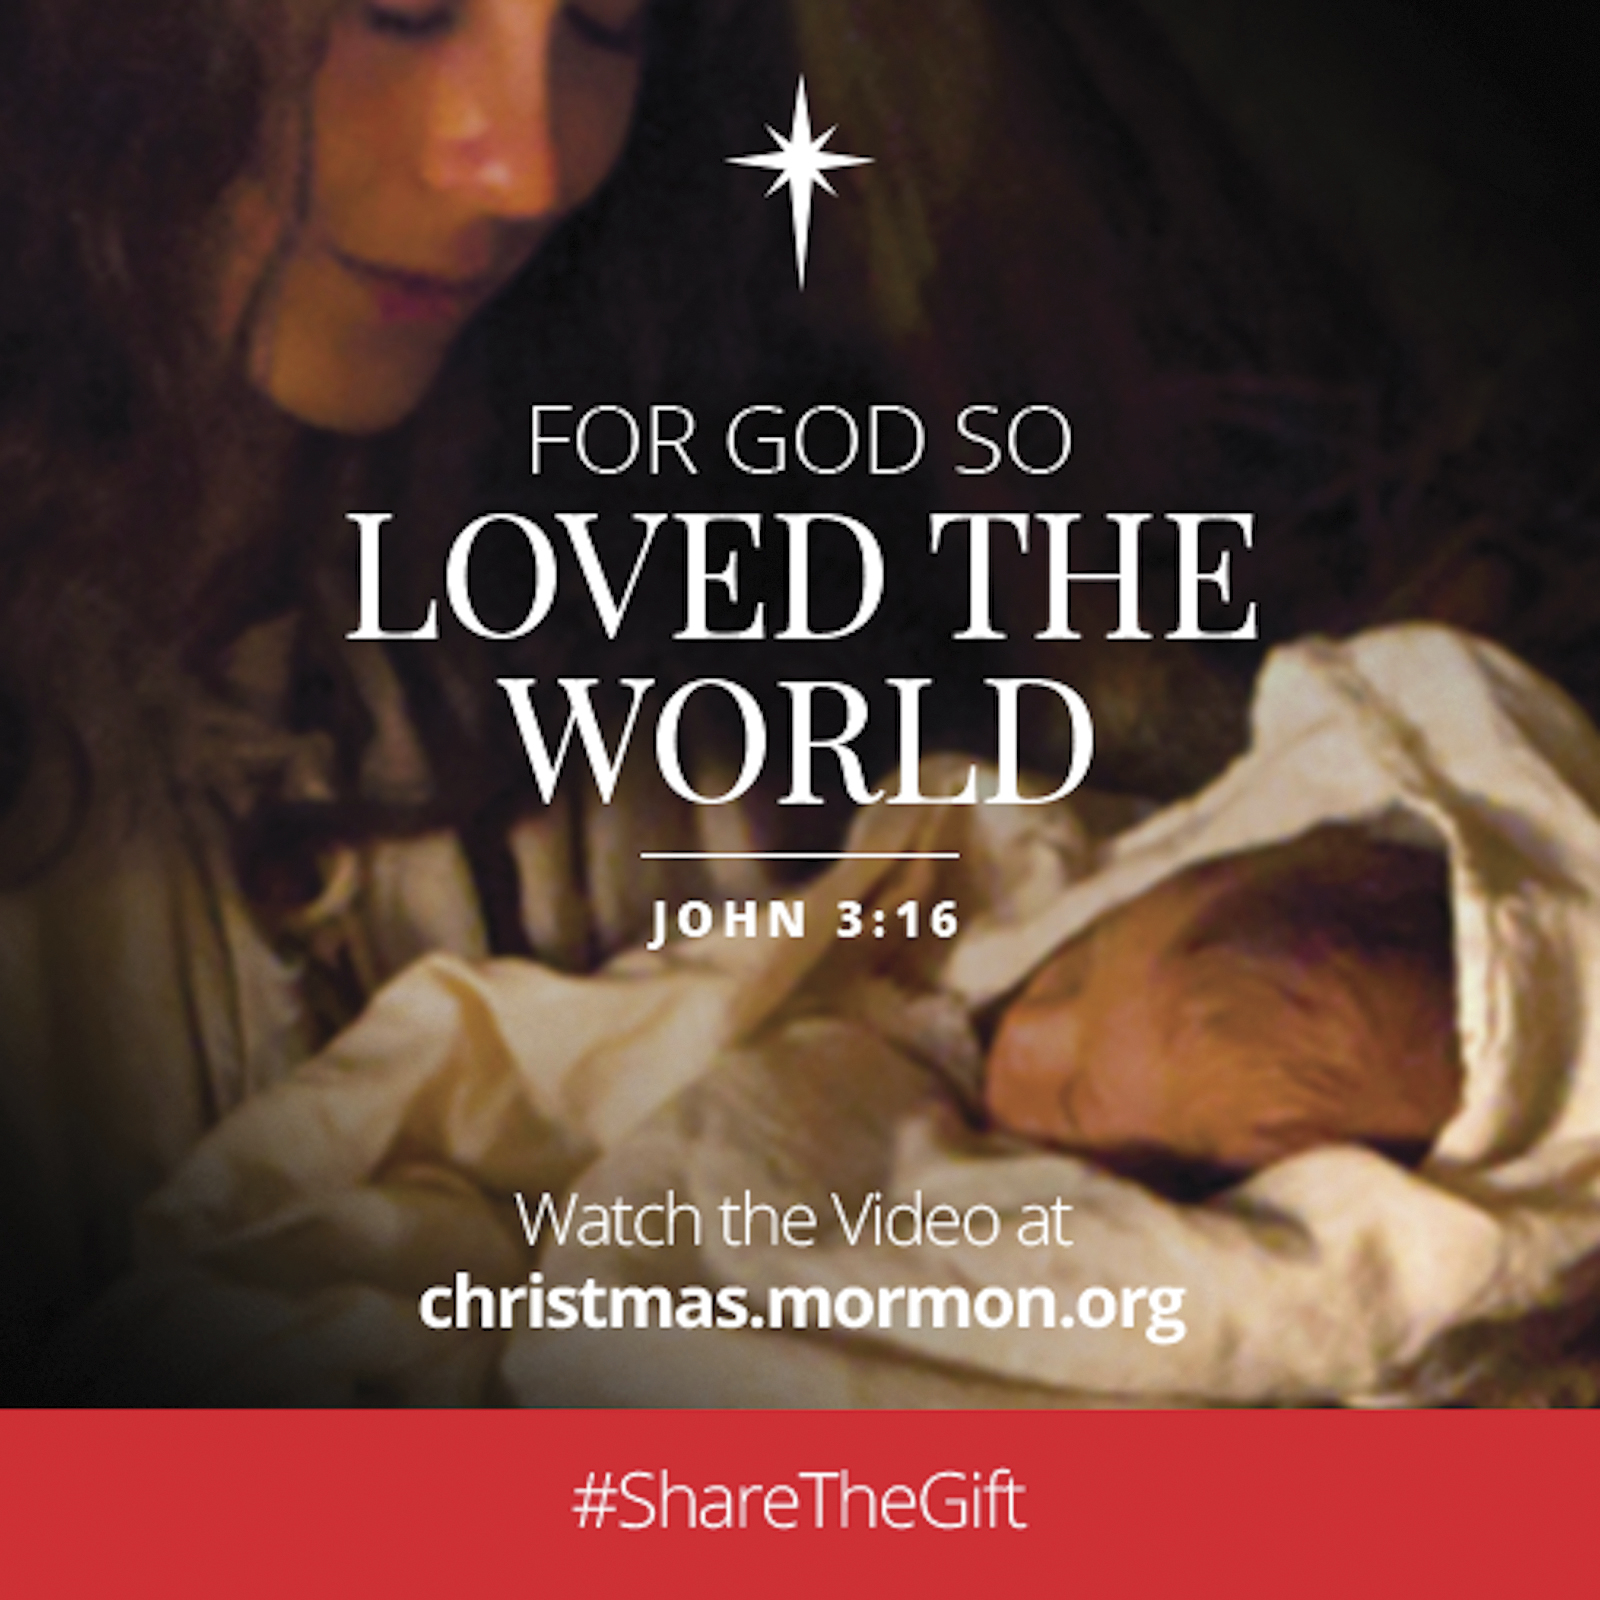 """""""For God so loved the world.""""—John 3:16. Watch the video at christmas.mormon.org. #ShareTheGift"""